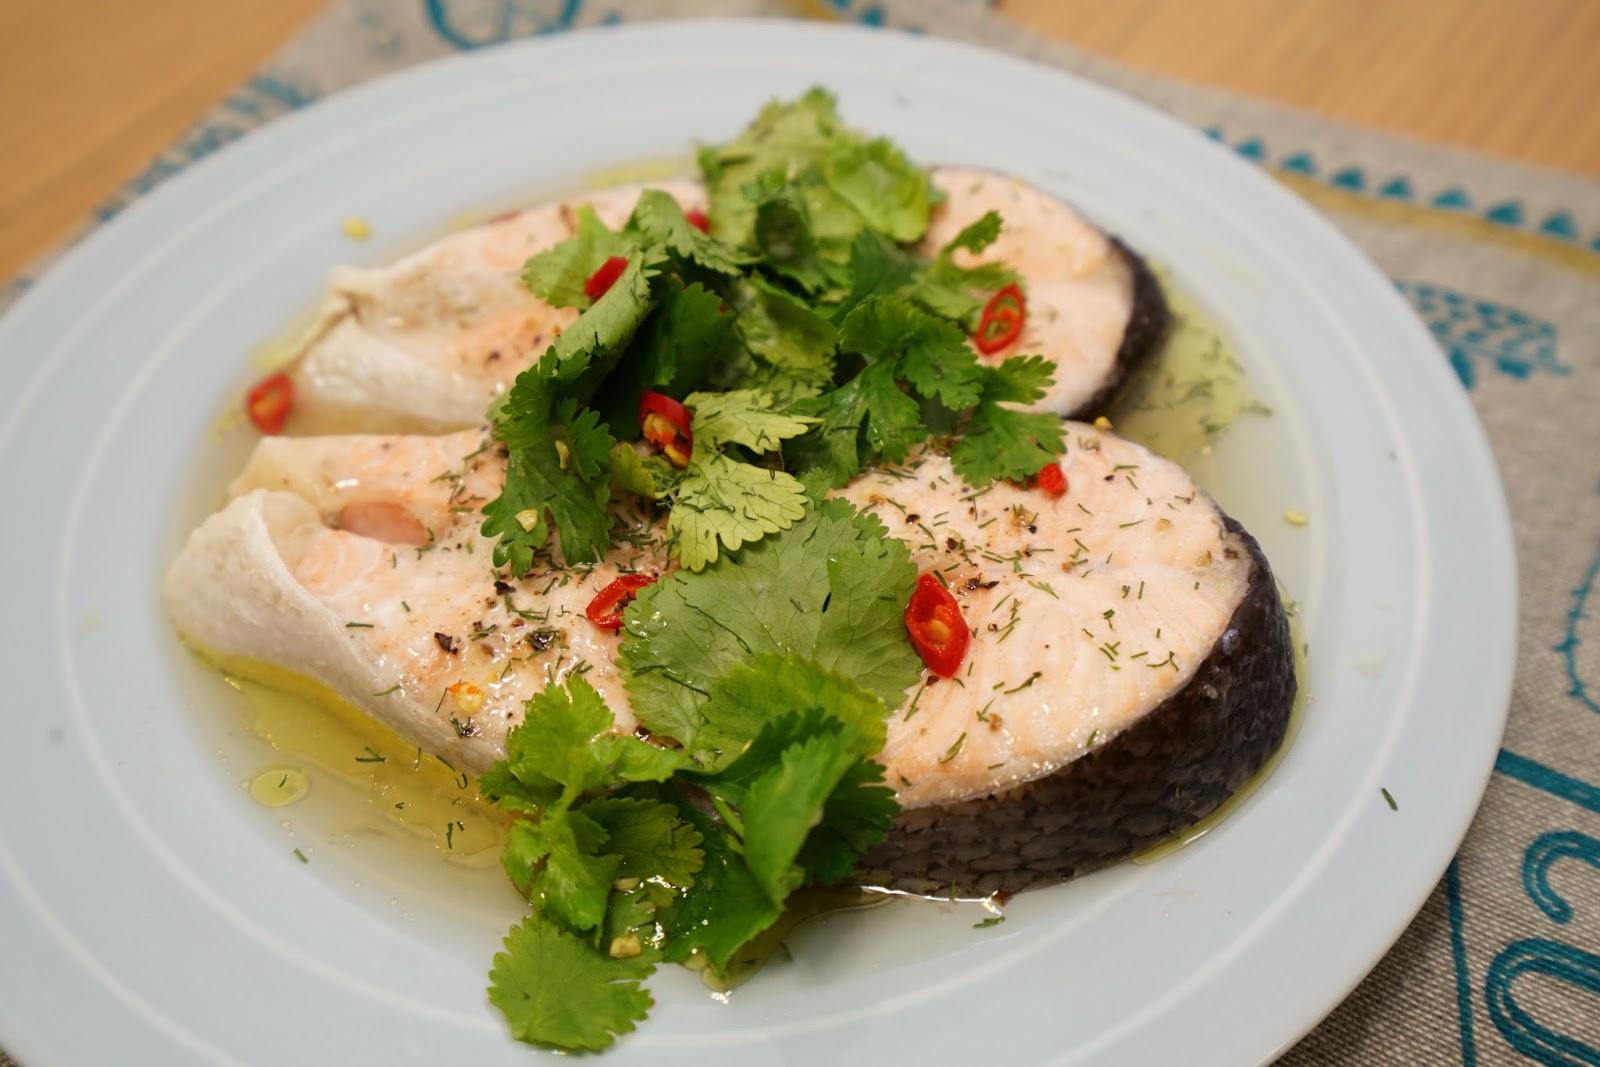 西西烹飪筆記: [食譜] 清蒸鮭魚。輕盈美味